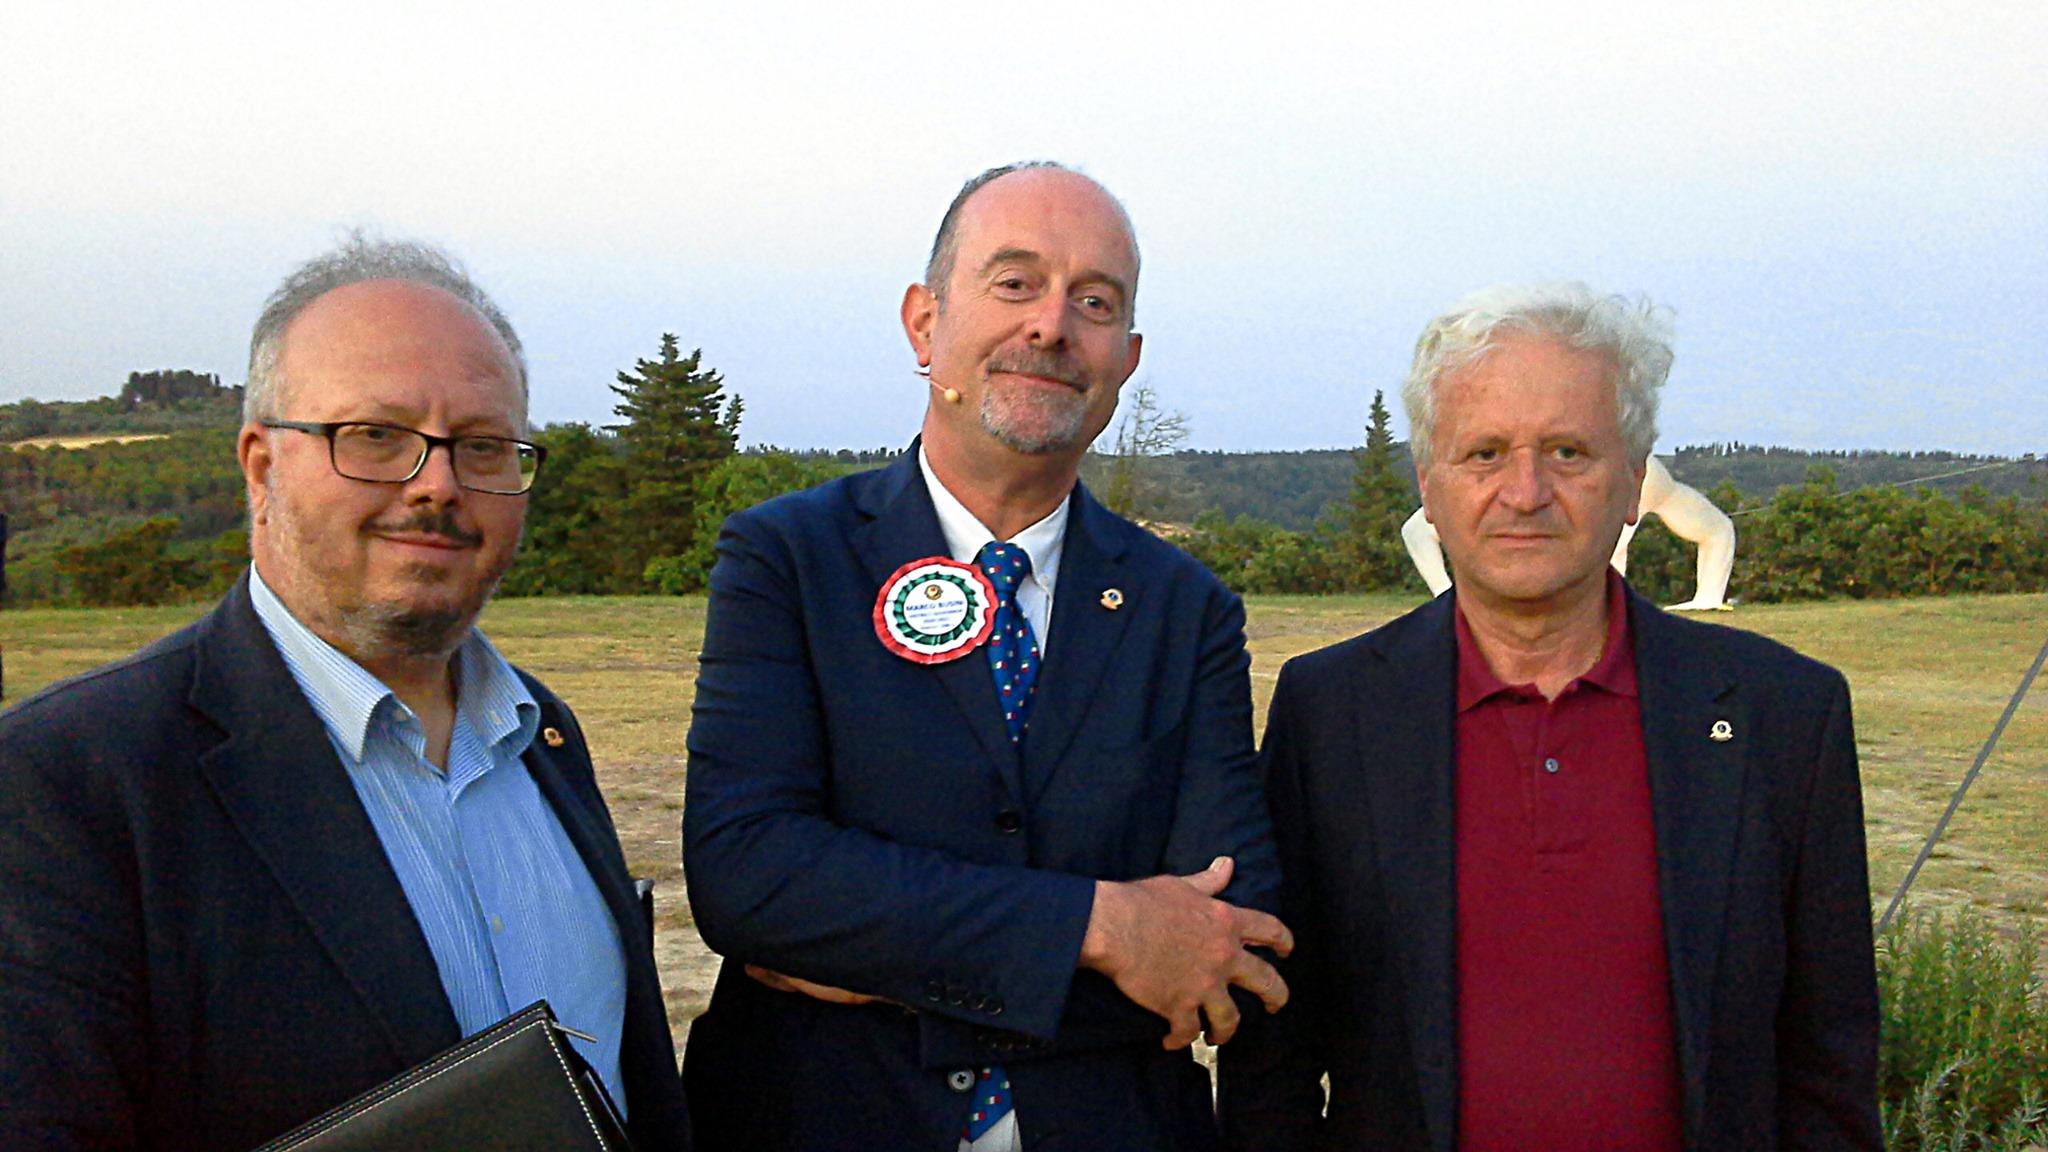 Lions Club Cortona Valdichiana Host: due soci nelle cariche distrettuali